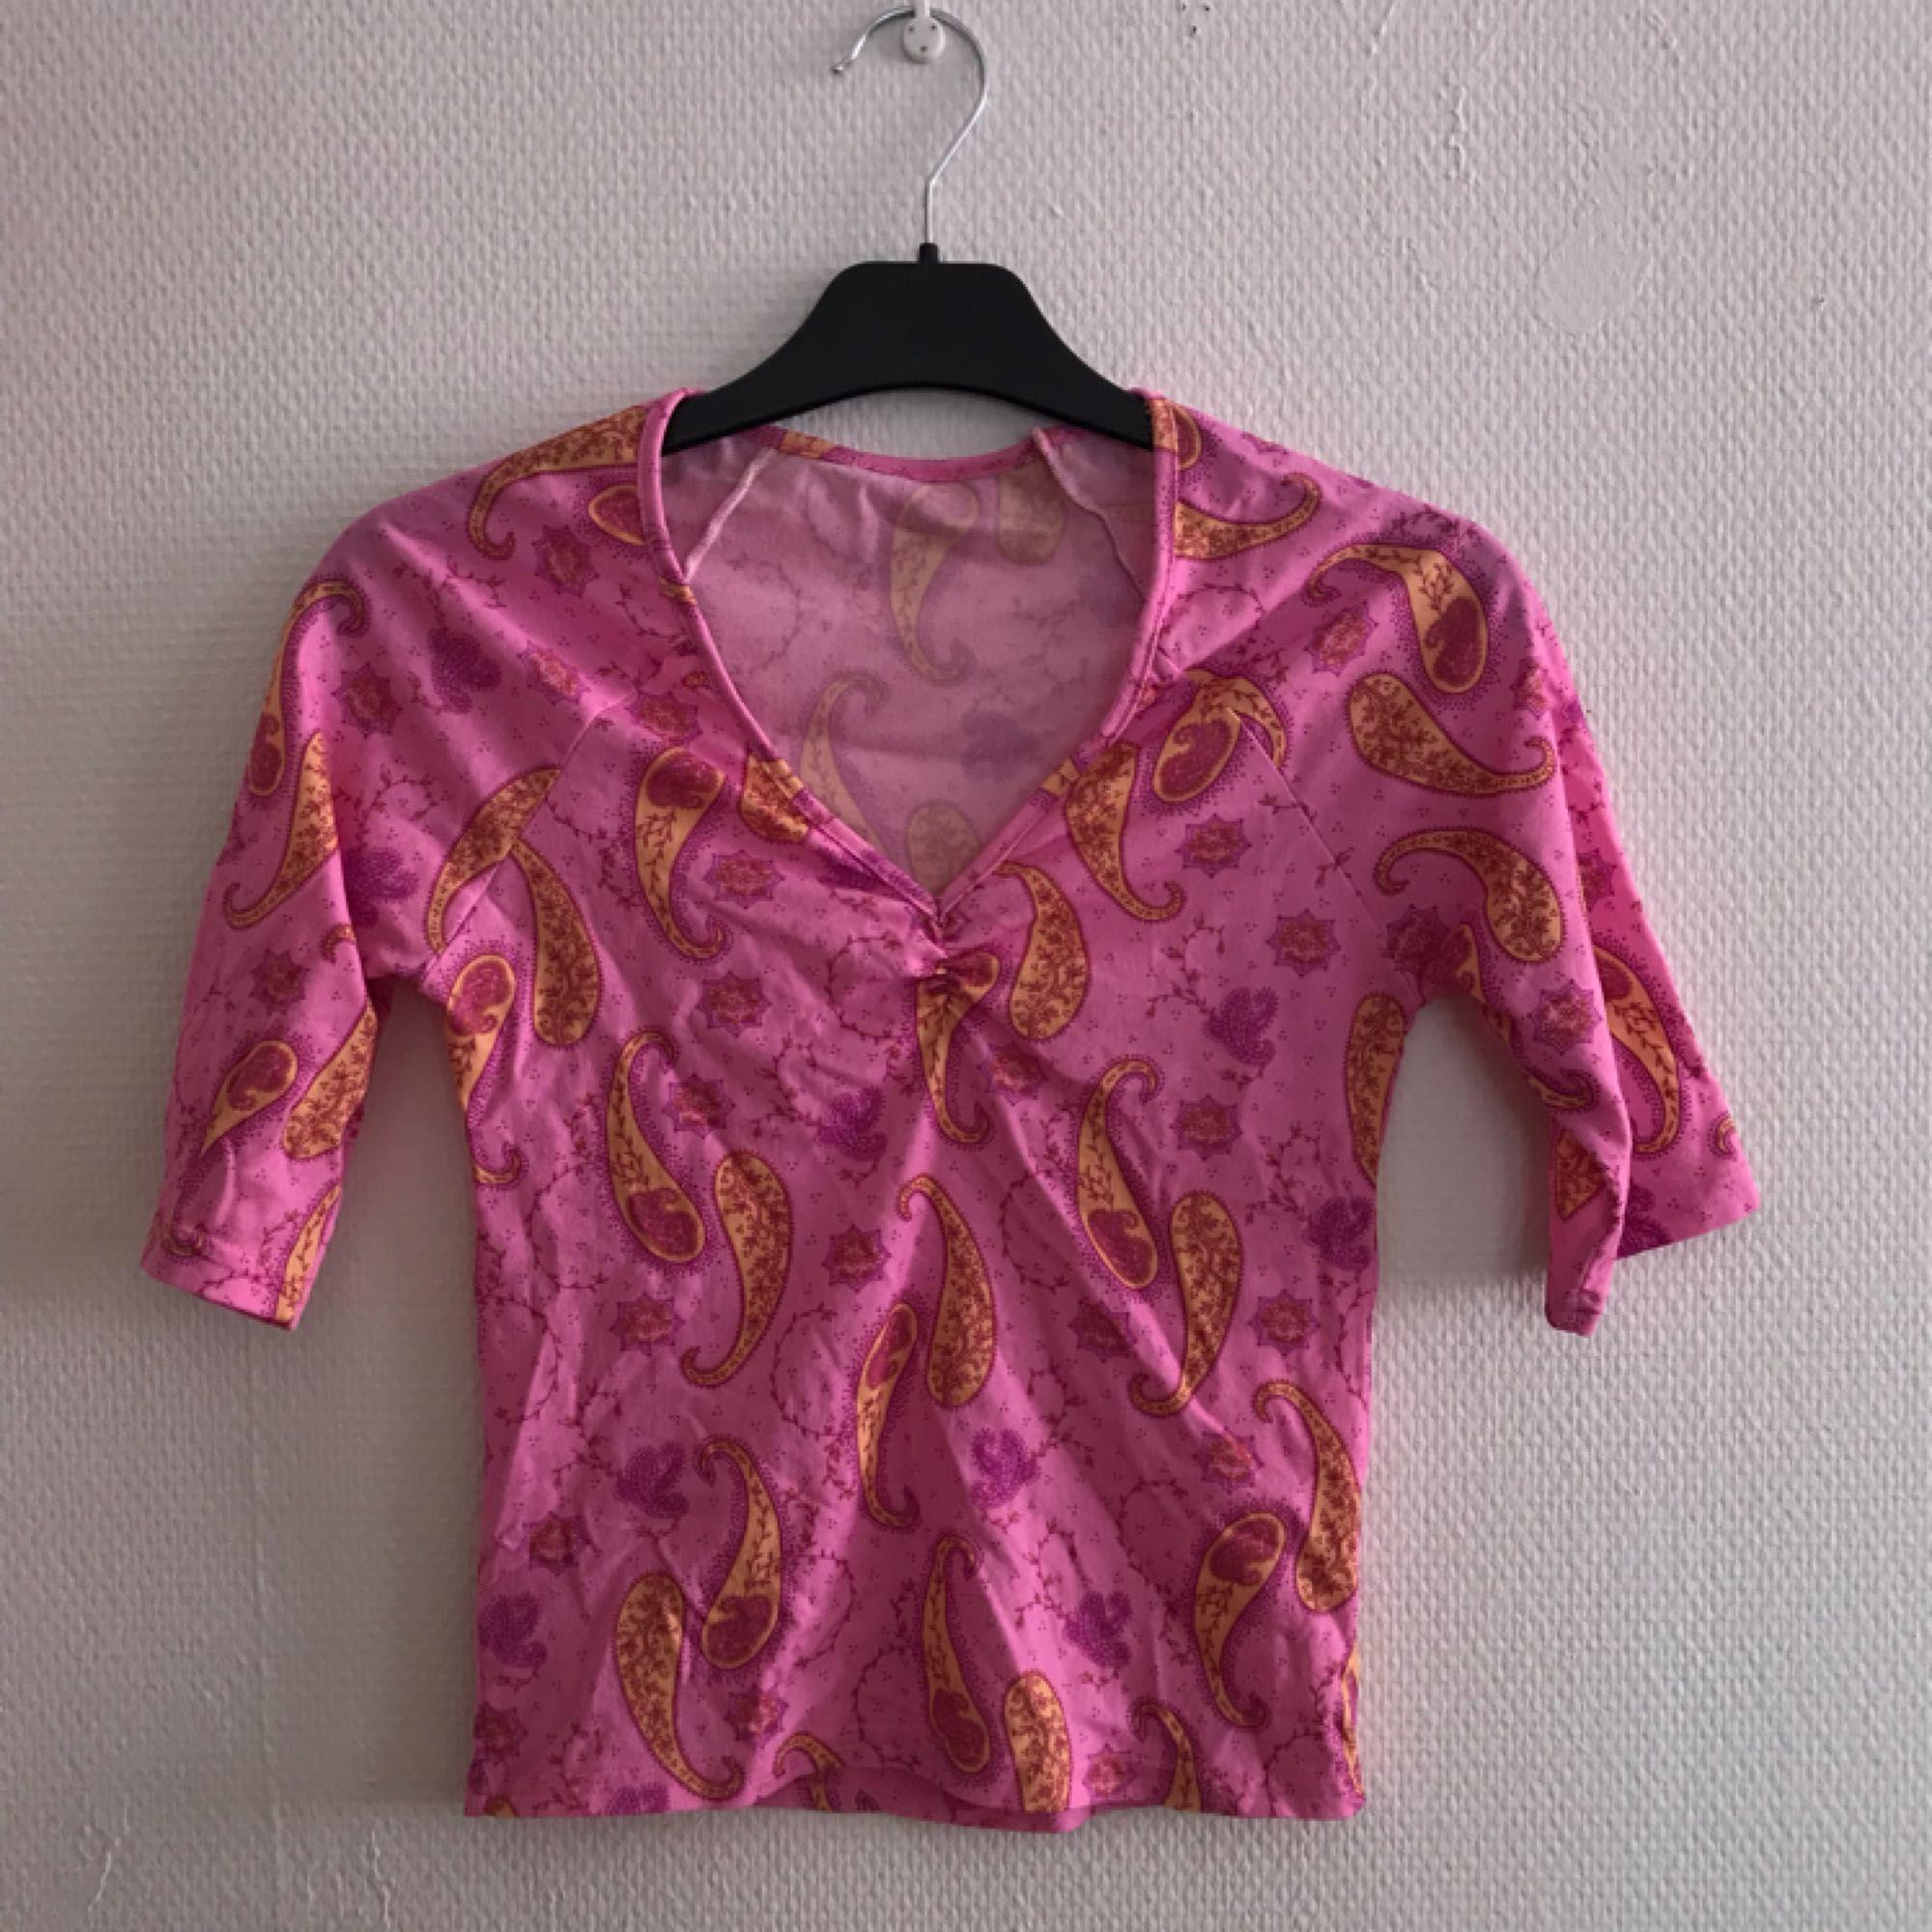 jättegullig rosa tröja med gult mönster, fint skick! Frakt tillkommer på ca 14kr . Toppar.